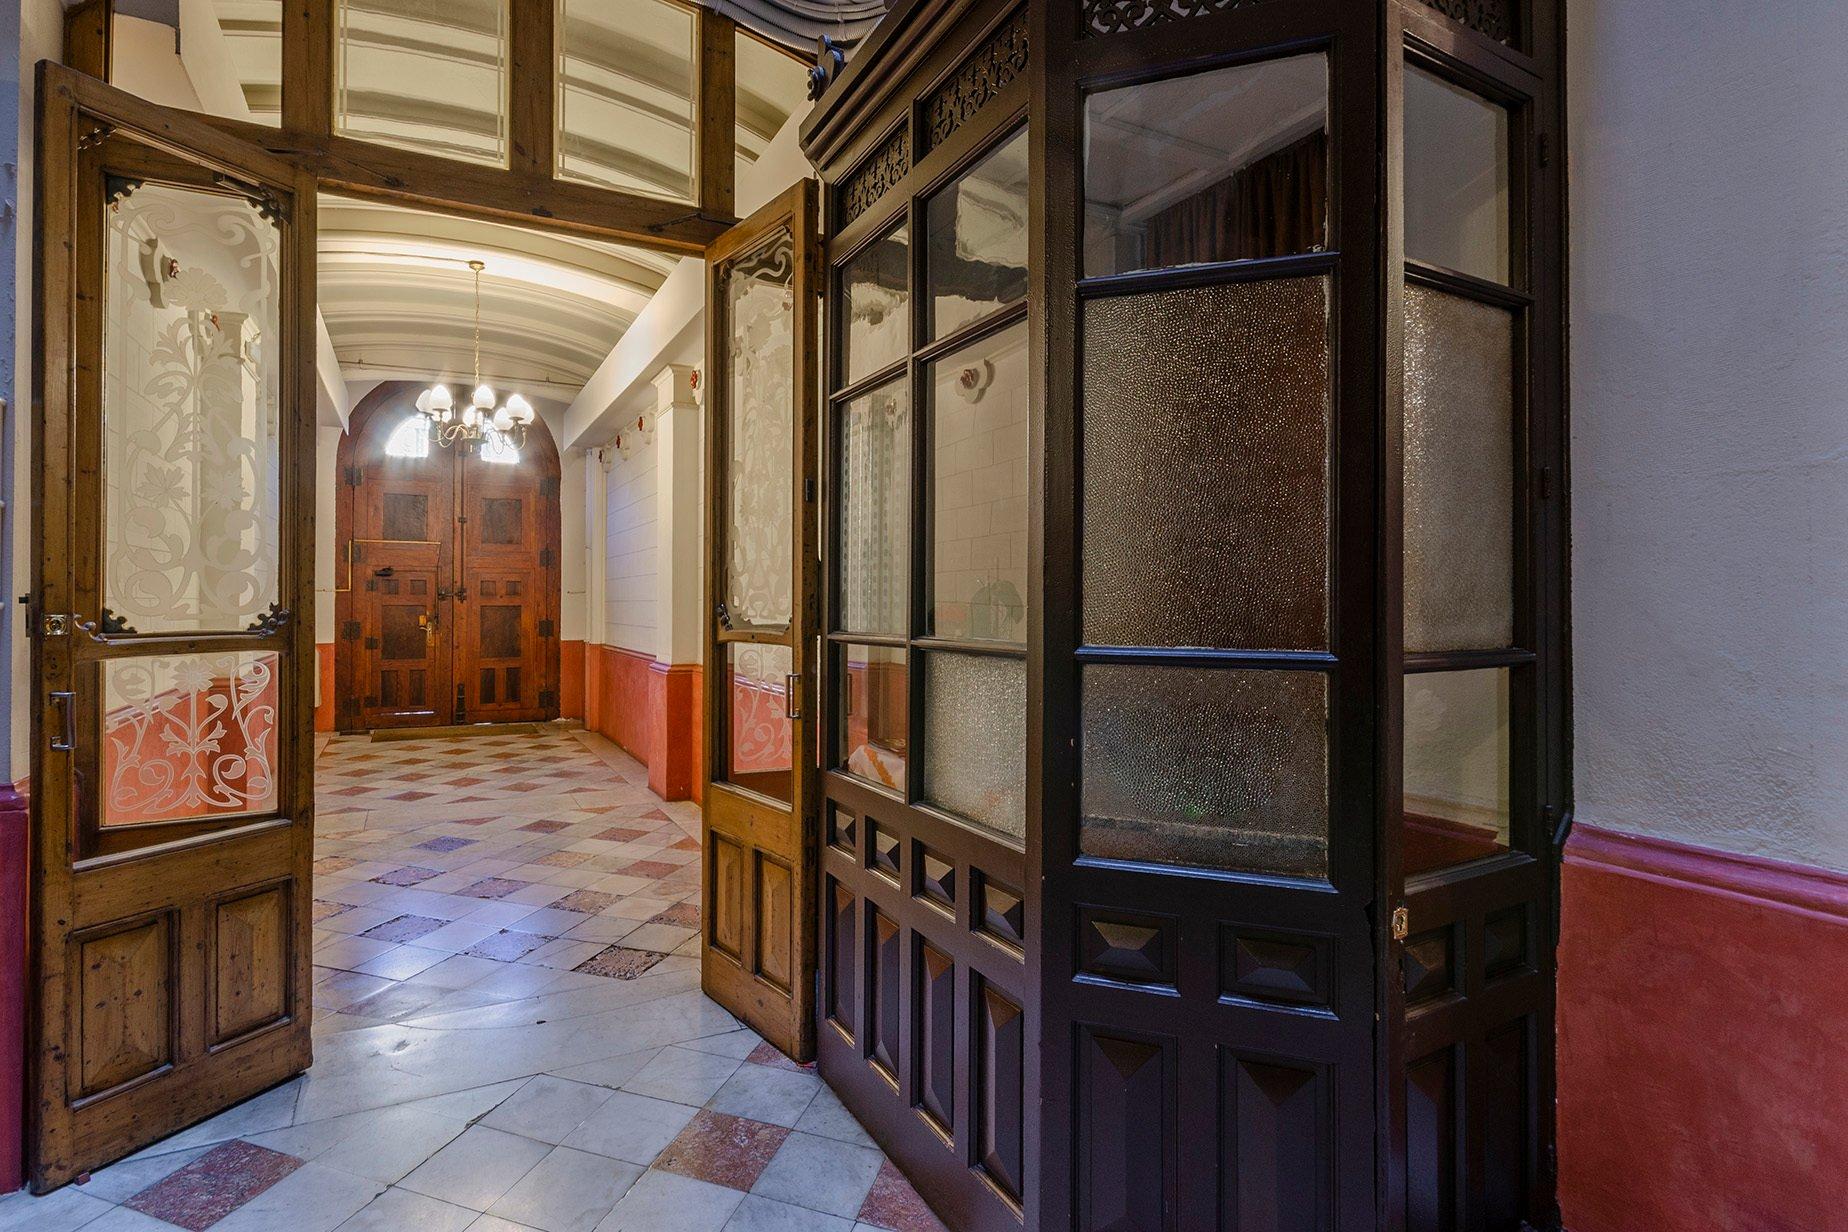 Appartamento a Barcellona, Catalogna, Spagna 1 - 11438373